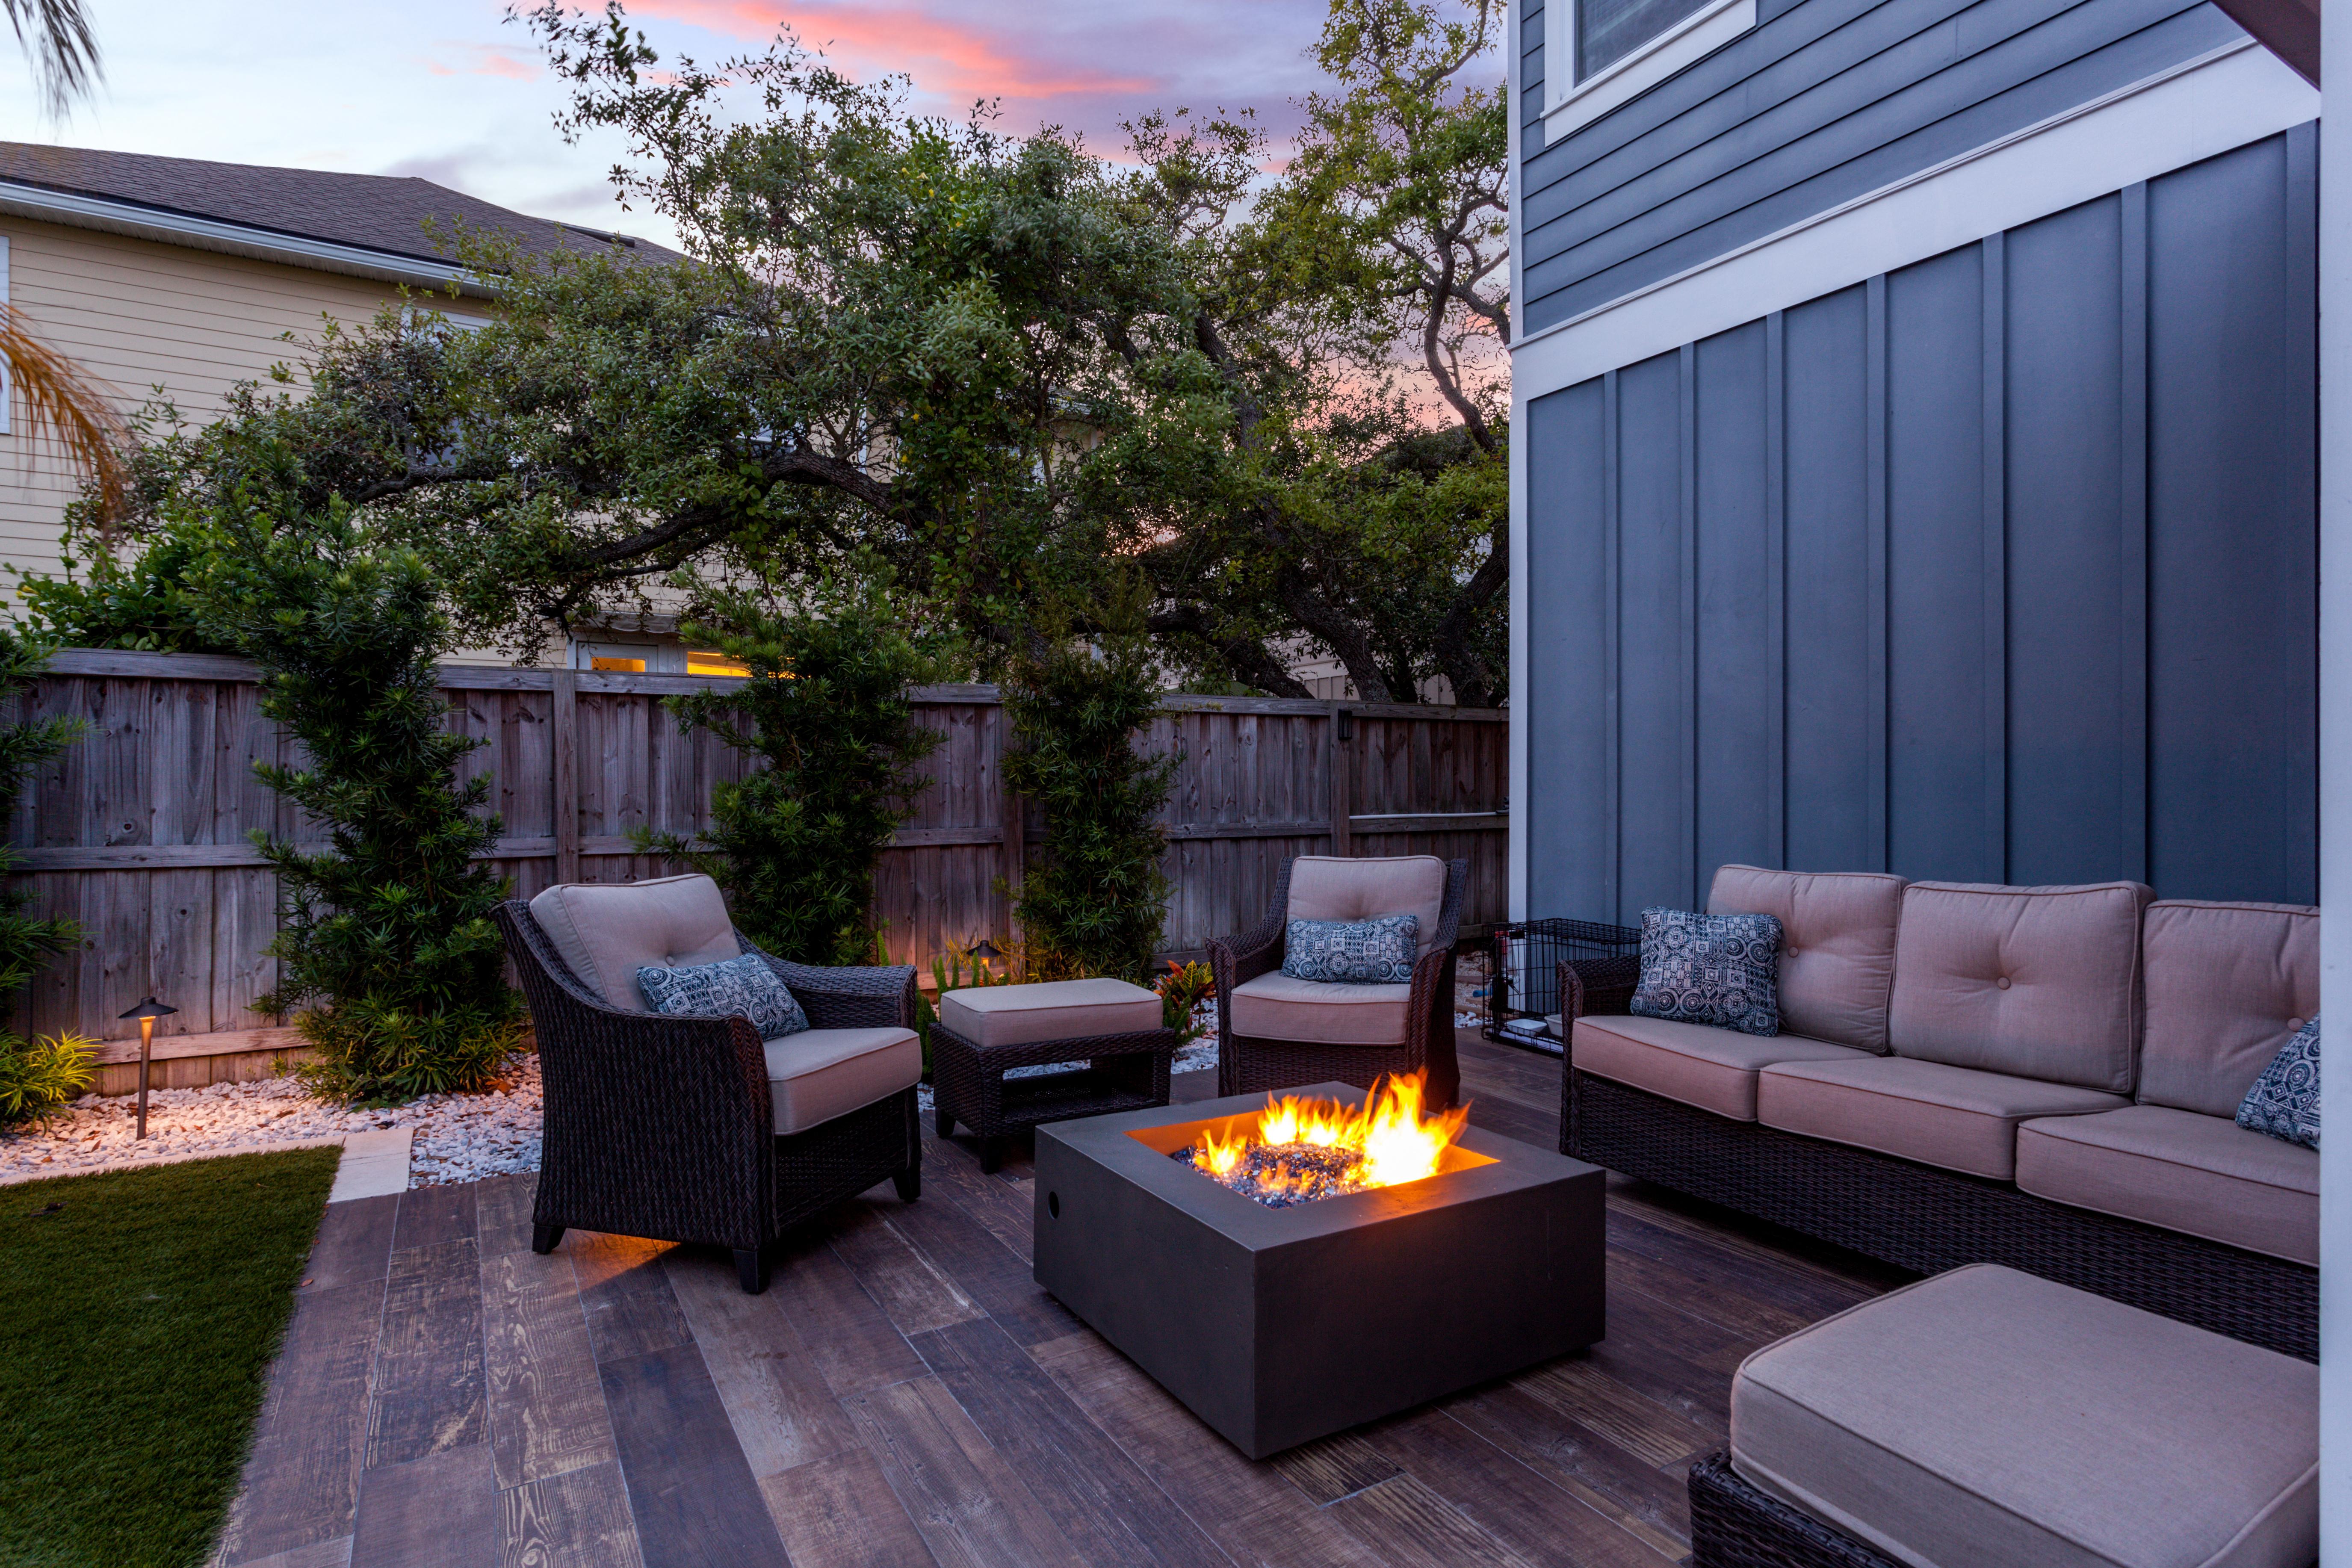 Beautiful backyard firepit at dusk